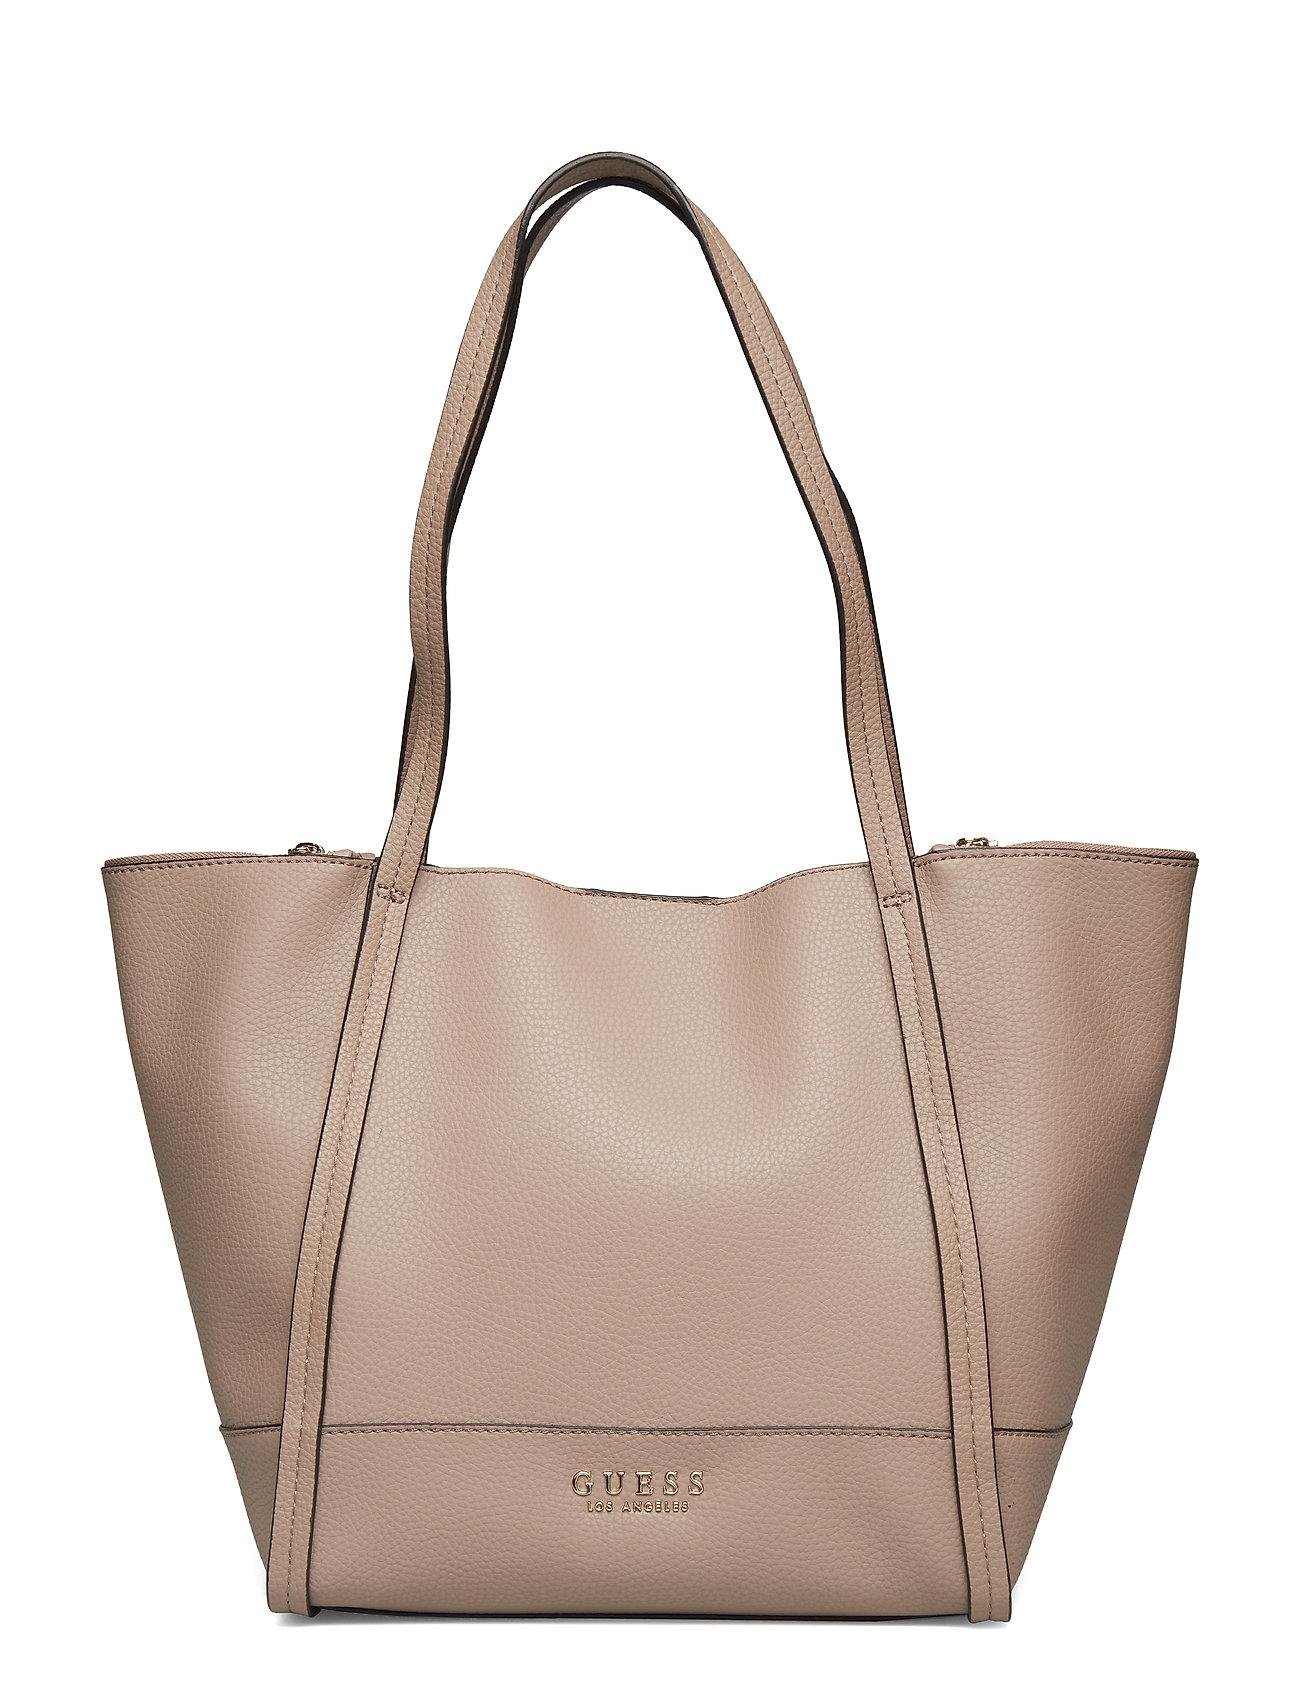 GUESS Heidi Tote Shopper Tasche Beige GUESS